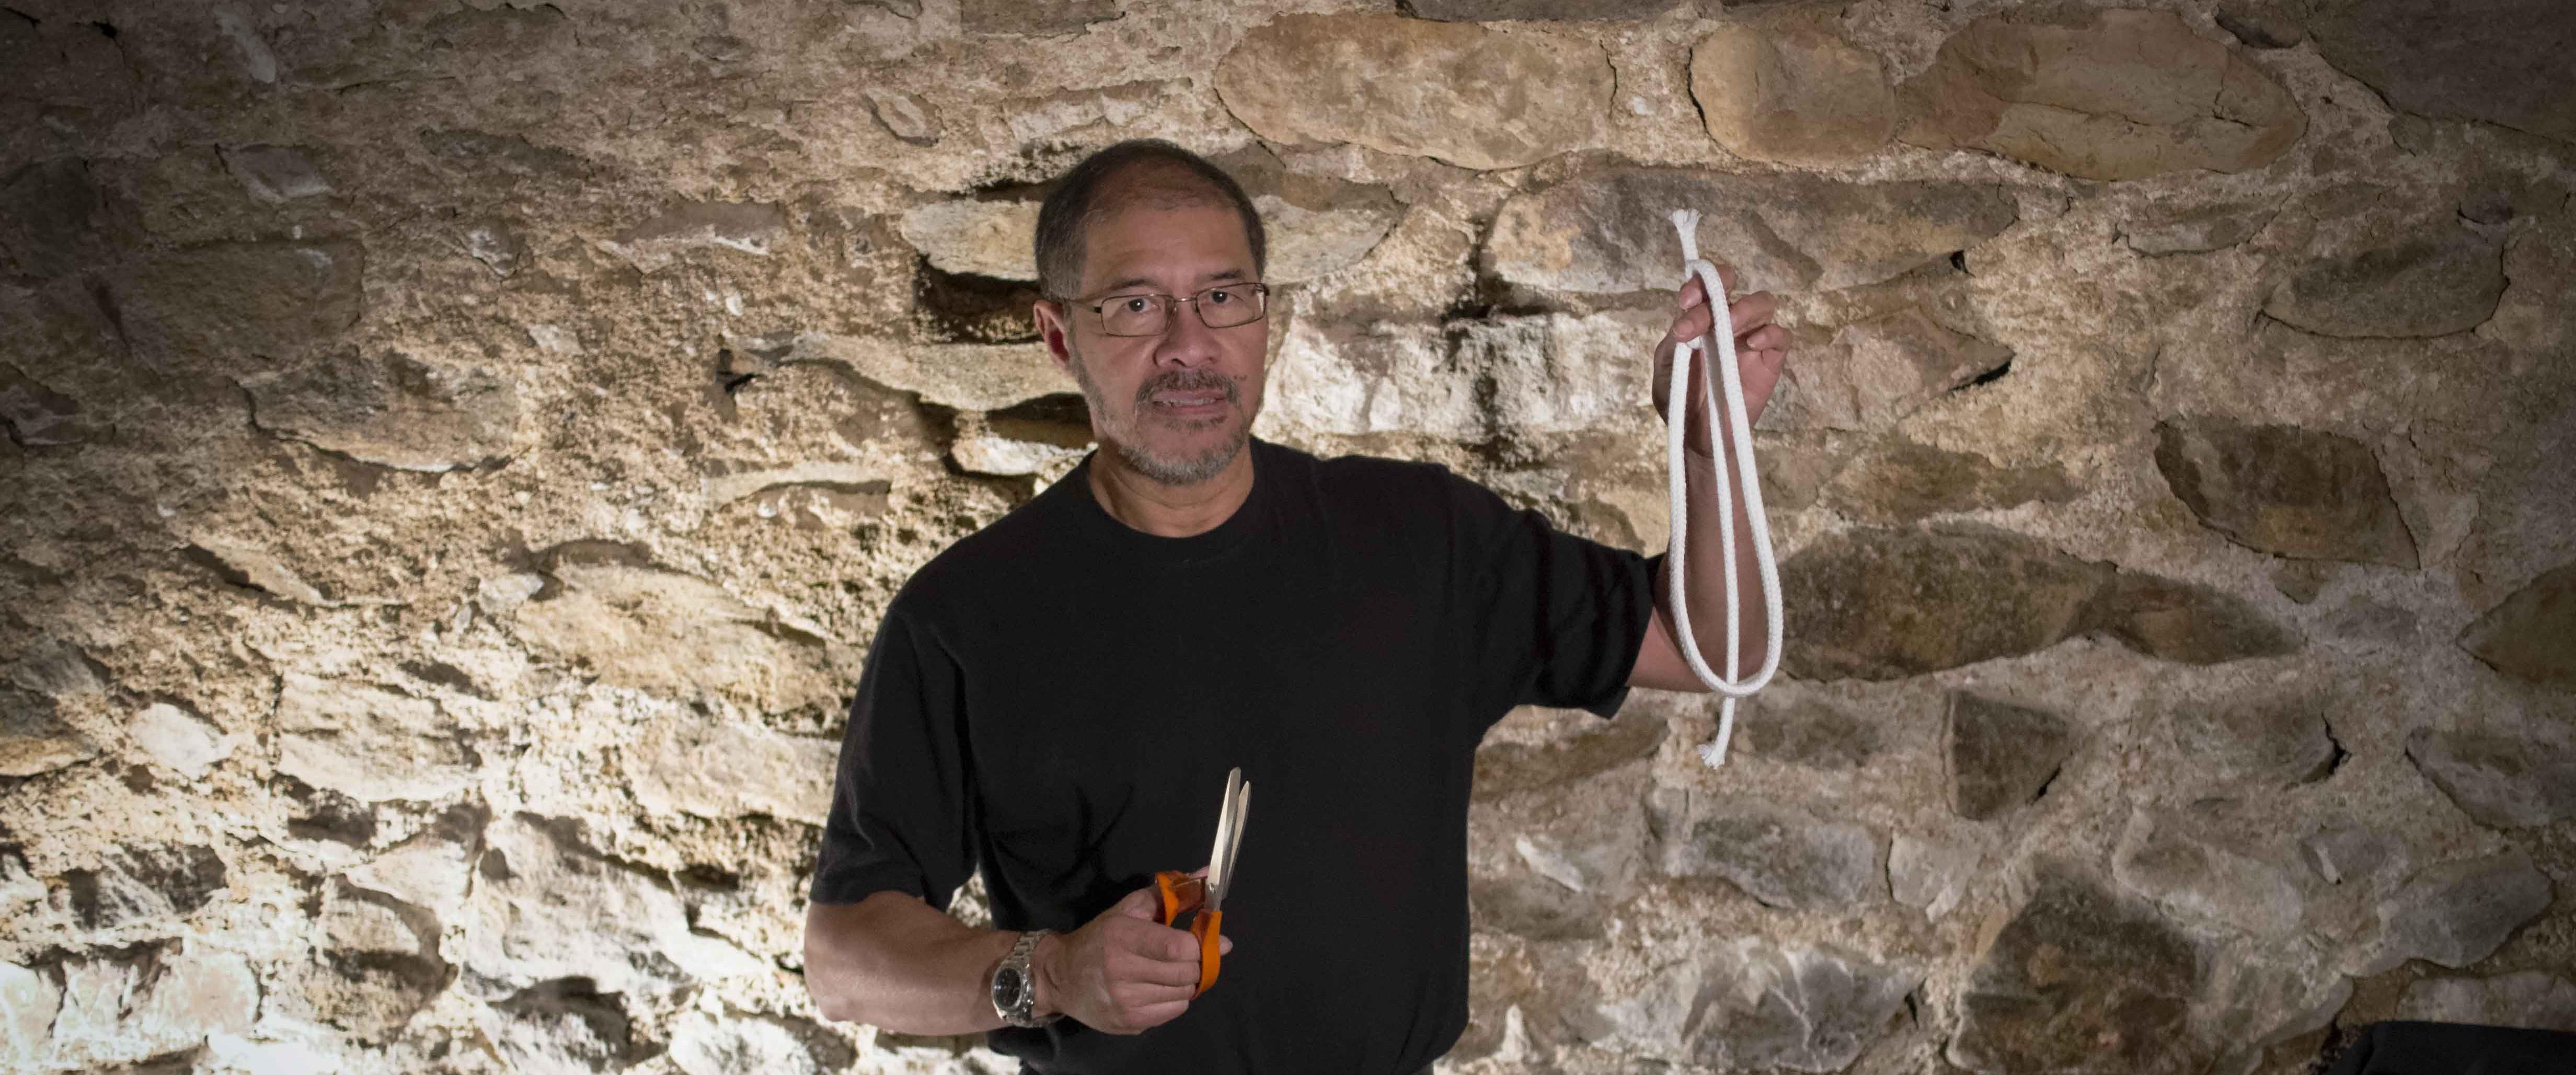 Félix, magicien et propriétaire de chambres d'hôtes et de gîtes - Le Domaine de l'Abéale, dans l'Ardèche